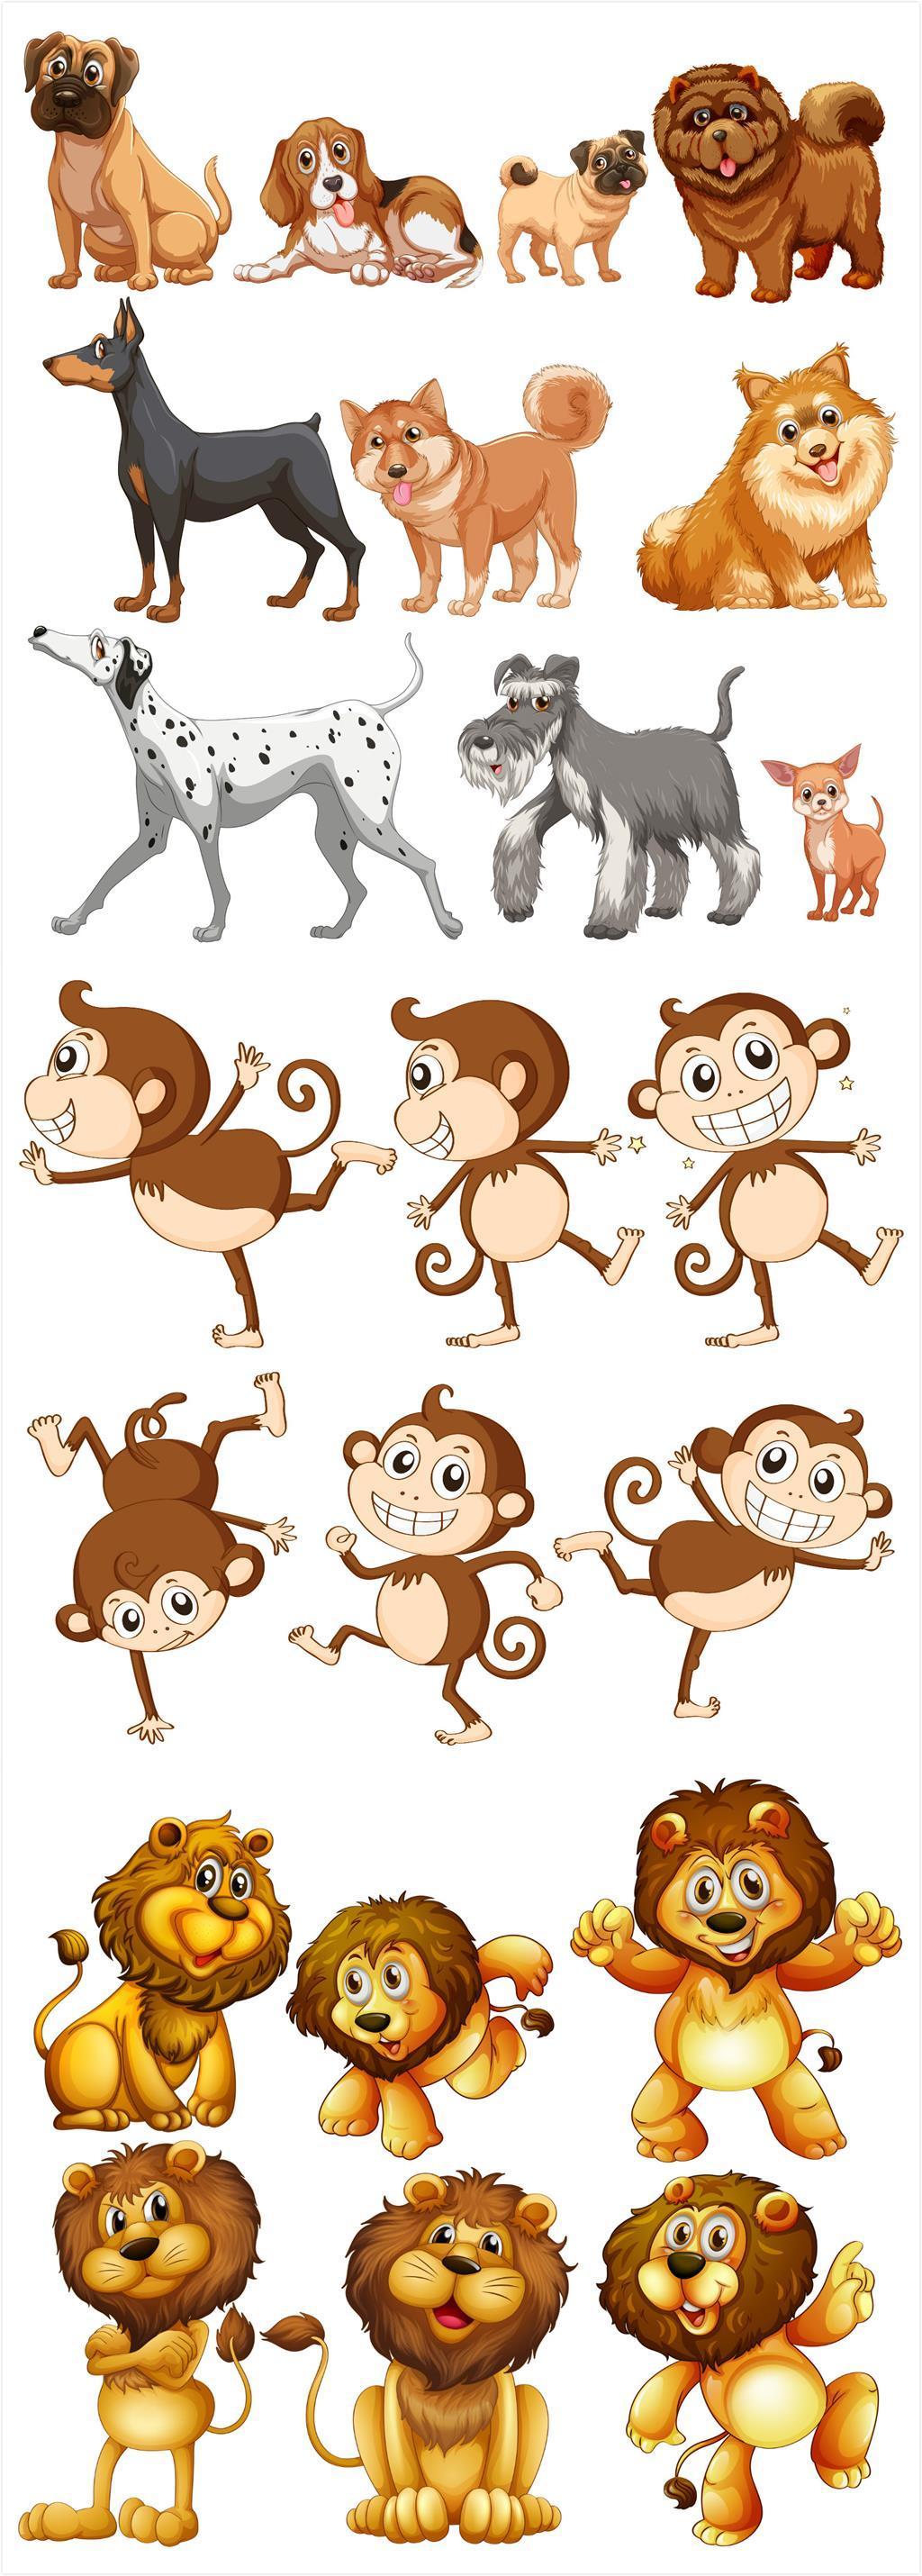 手绘卡通狗狗猴子狮子矢量素材